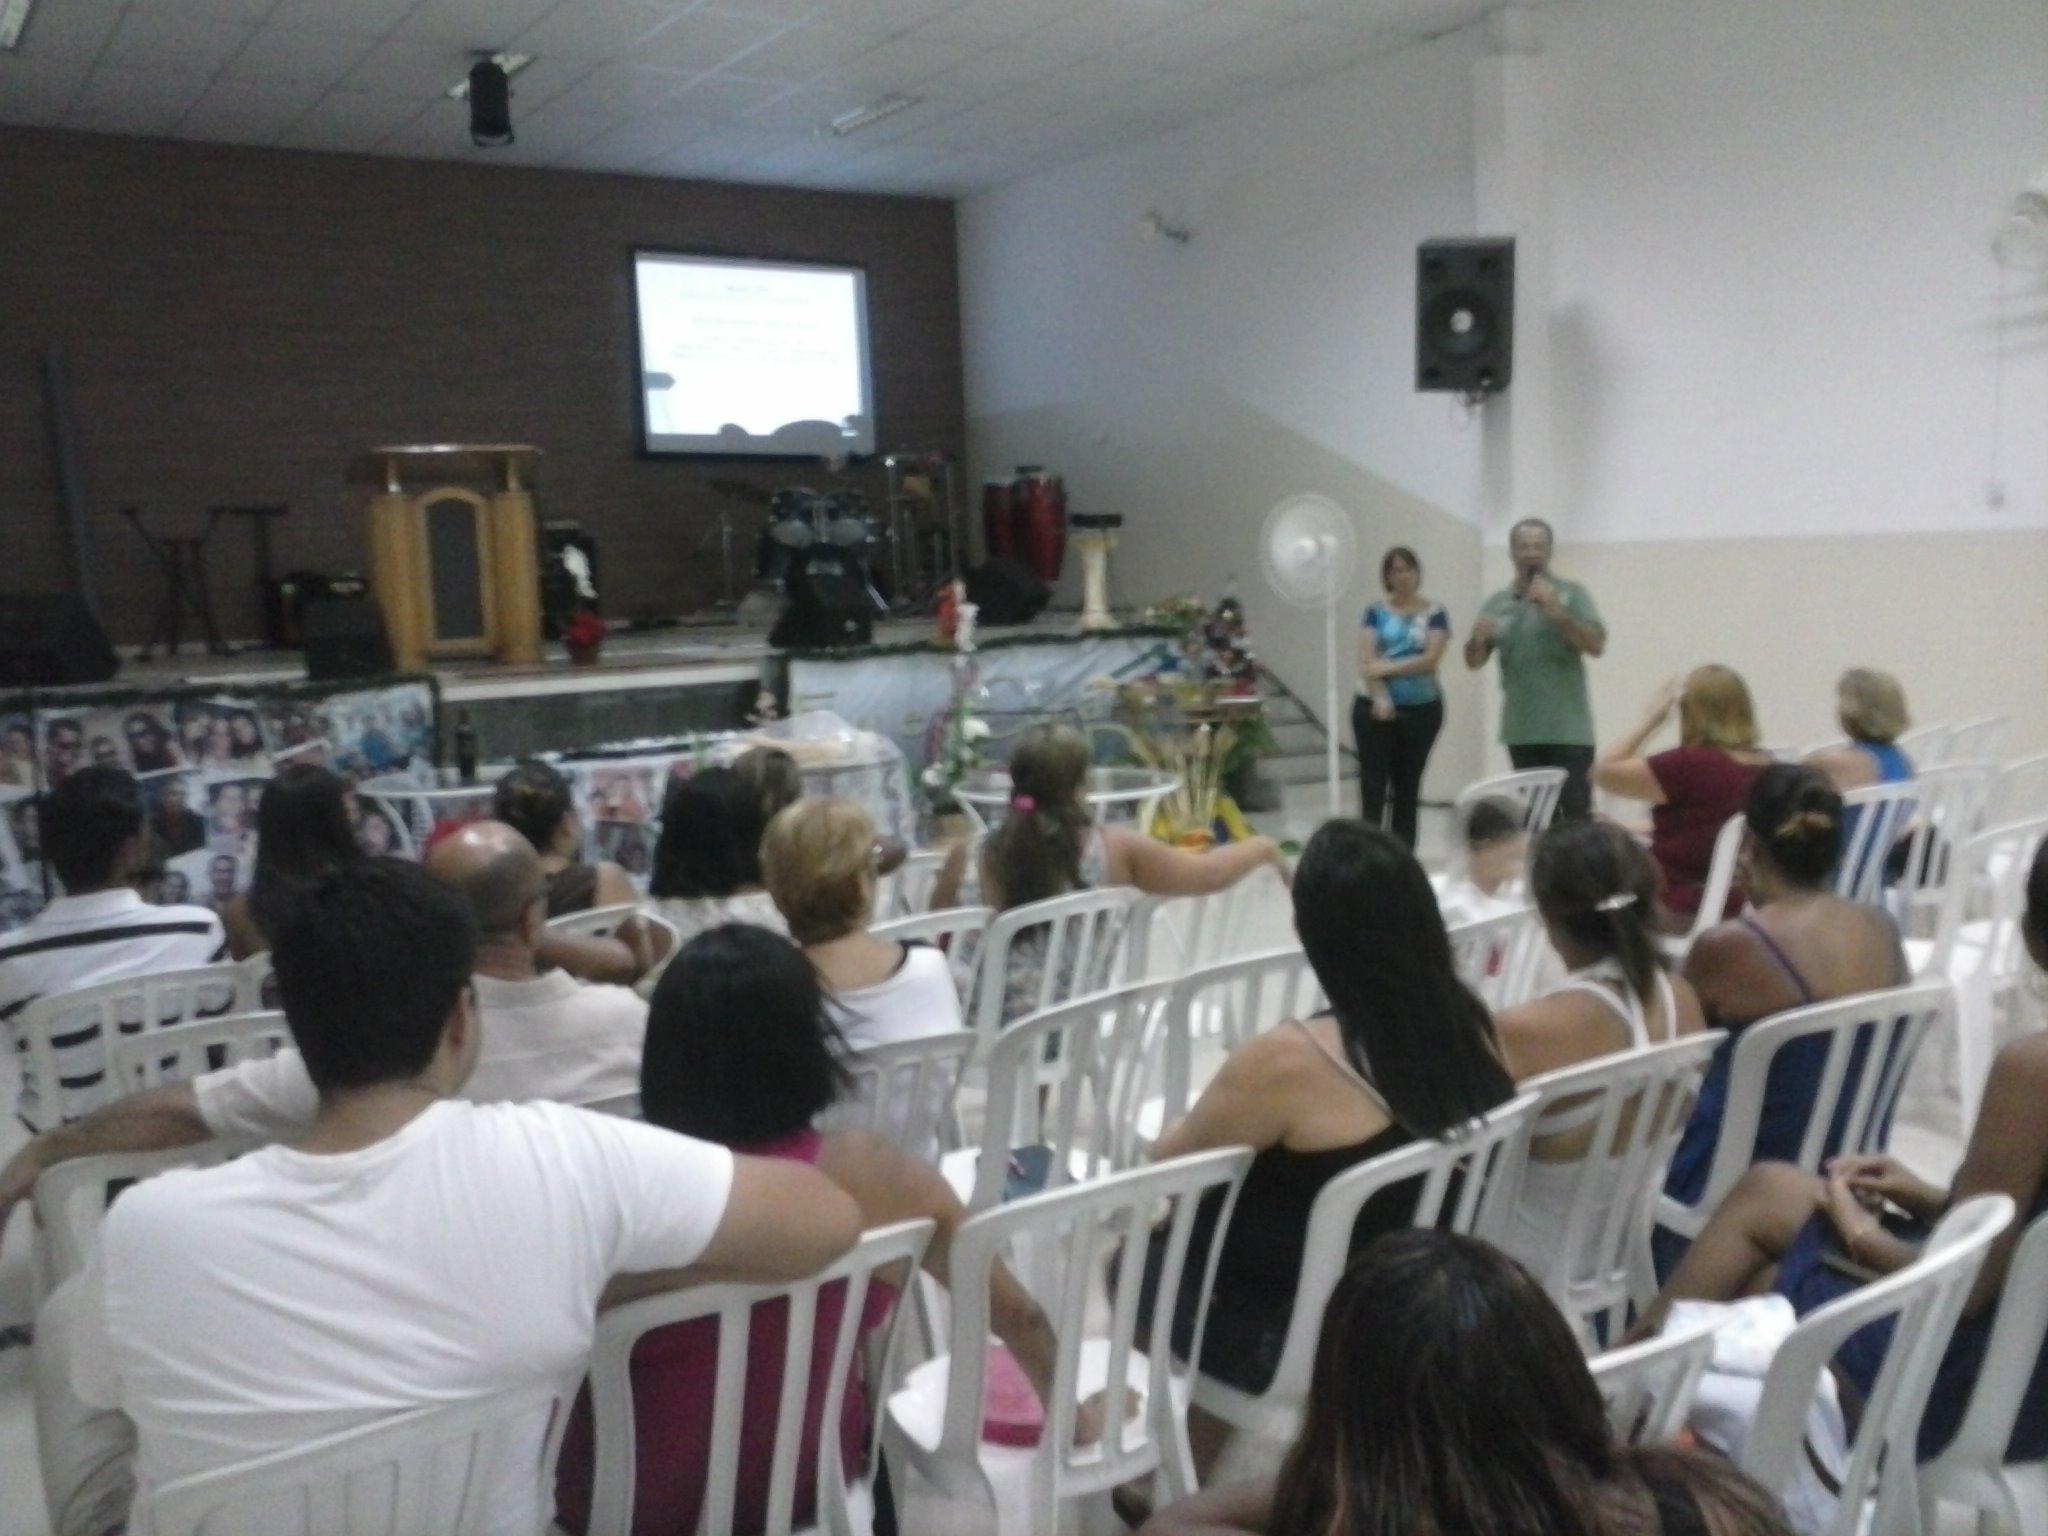 Igreja Batista do Mendanha/RJ - Encontro de Casais